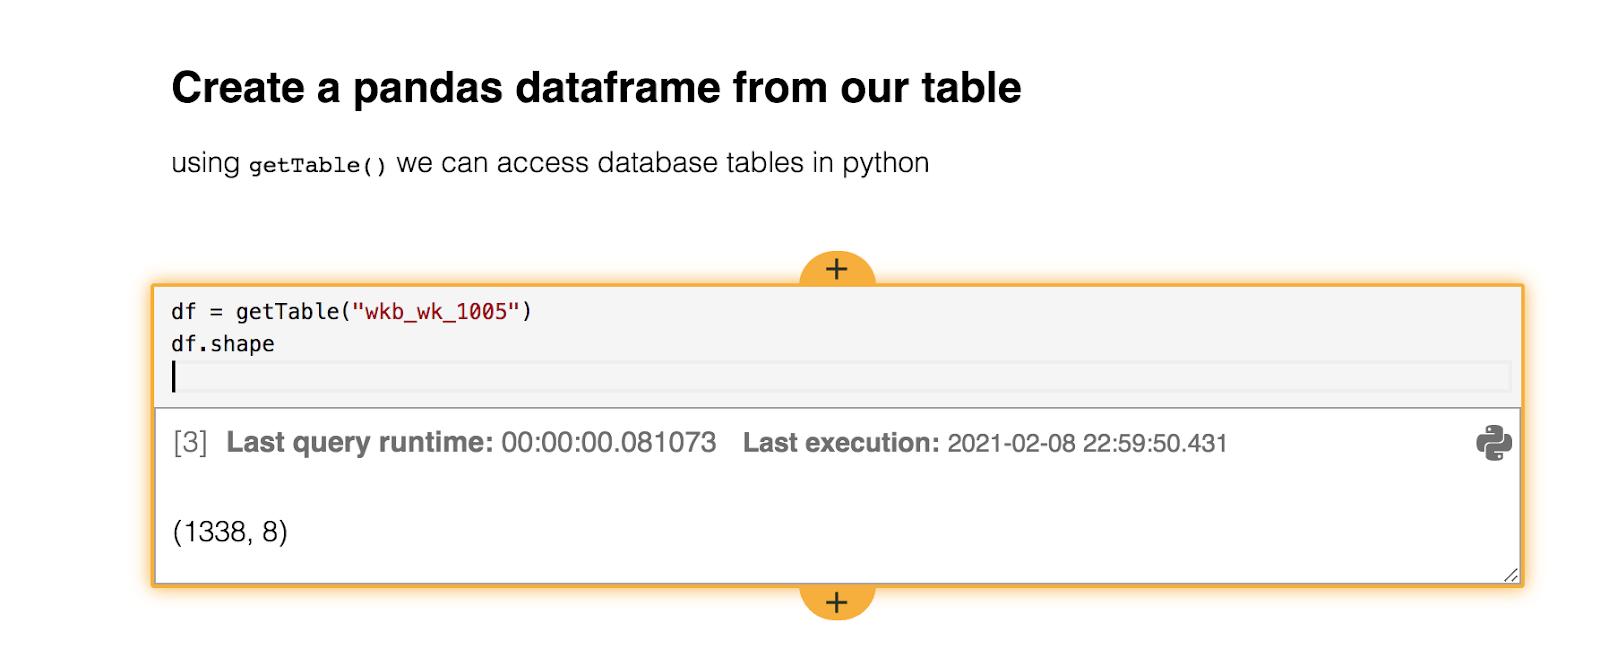 Python card in data science workbook